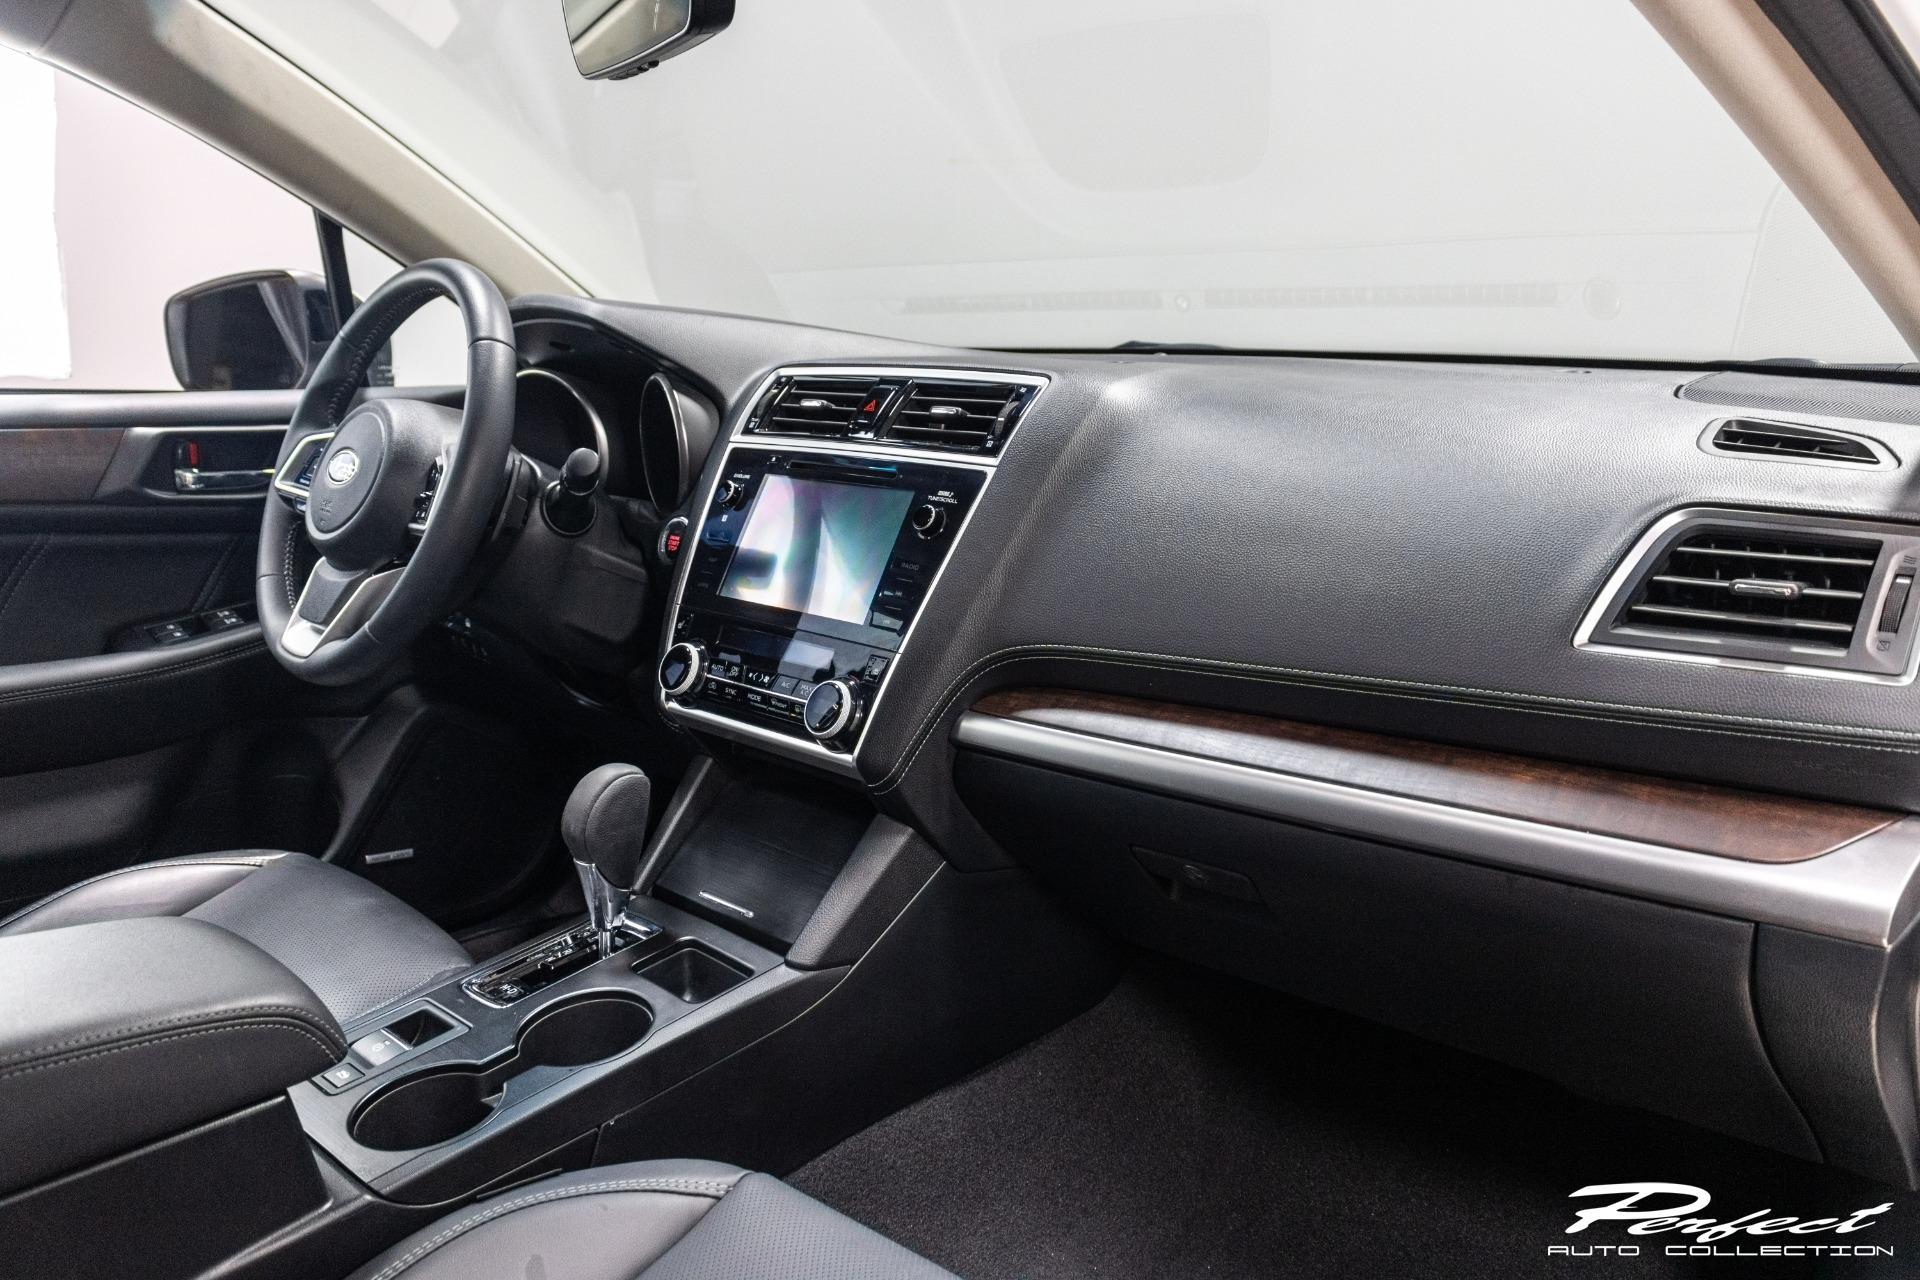 Used 2019 Subaru Outback 25i Limited